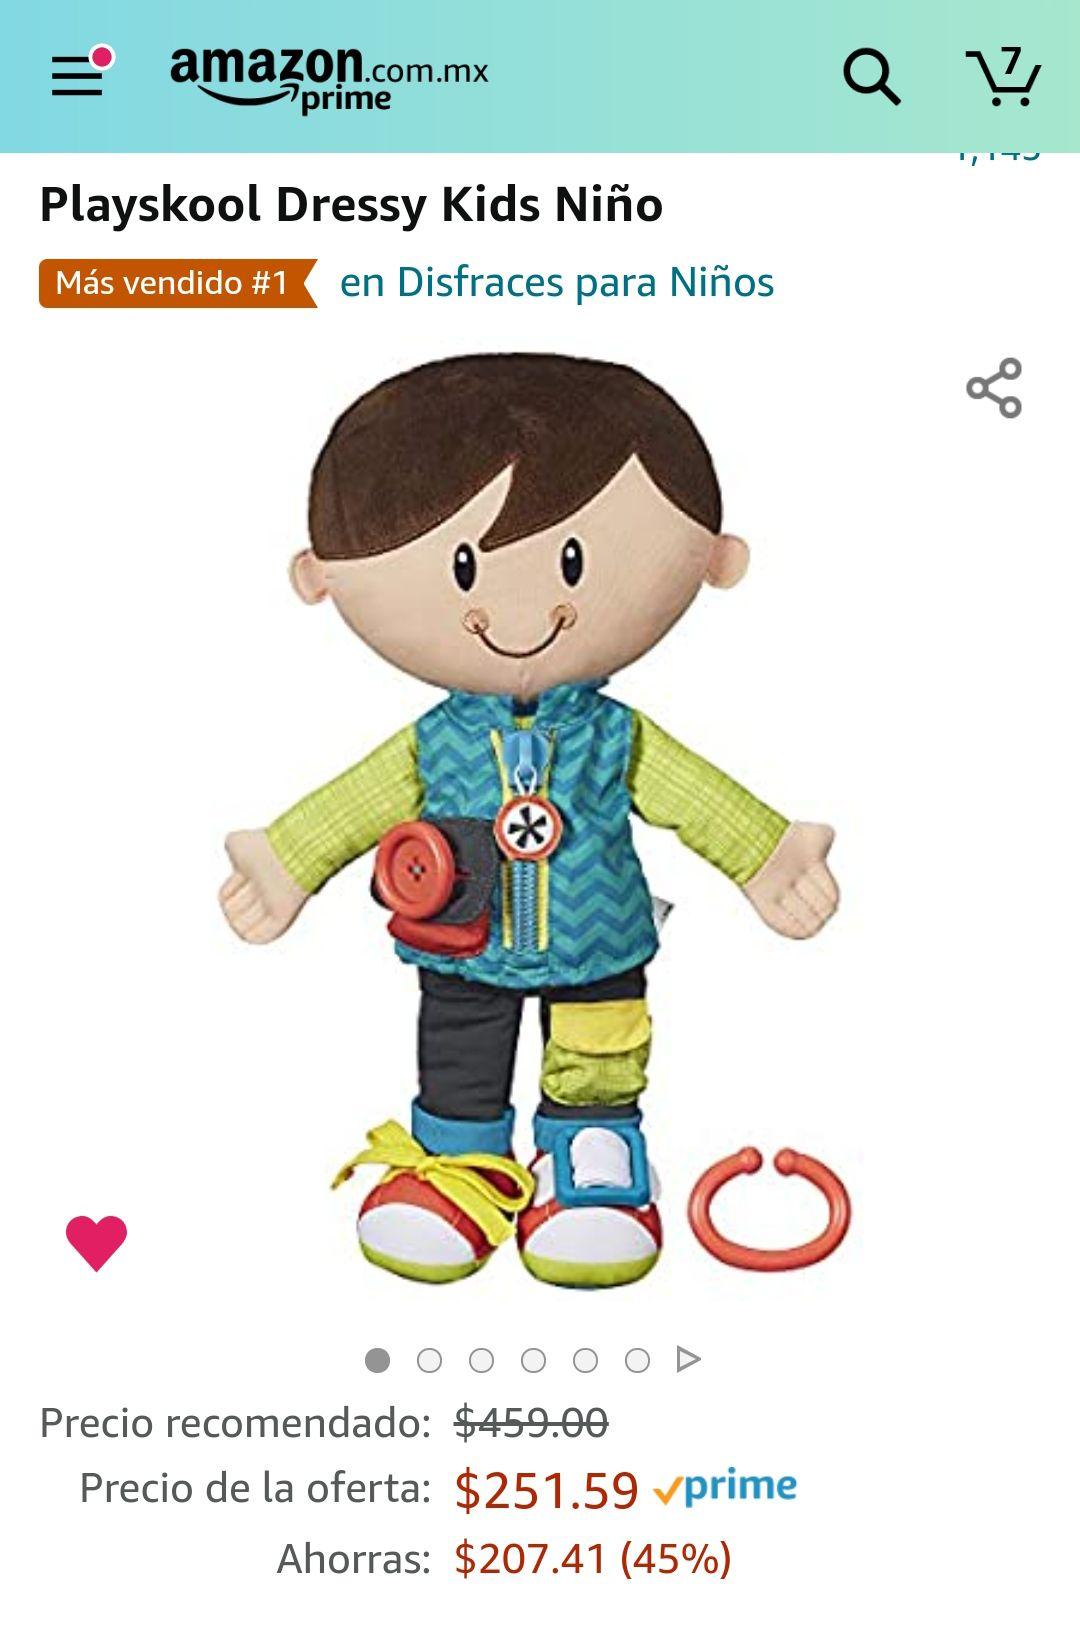 Amazon: Playskool Dressy Kids Niño